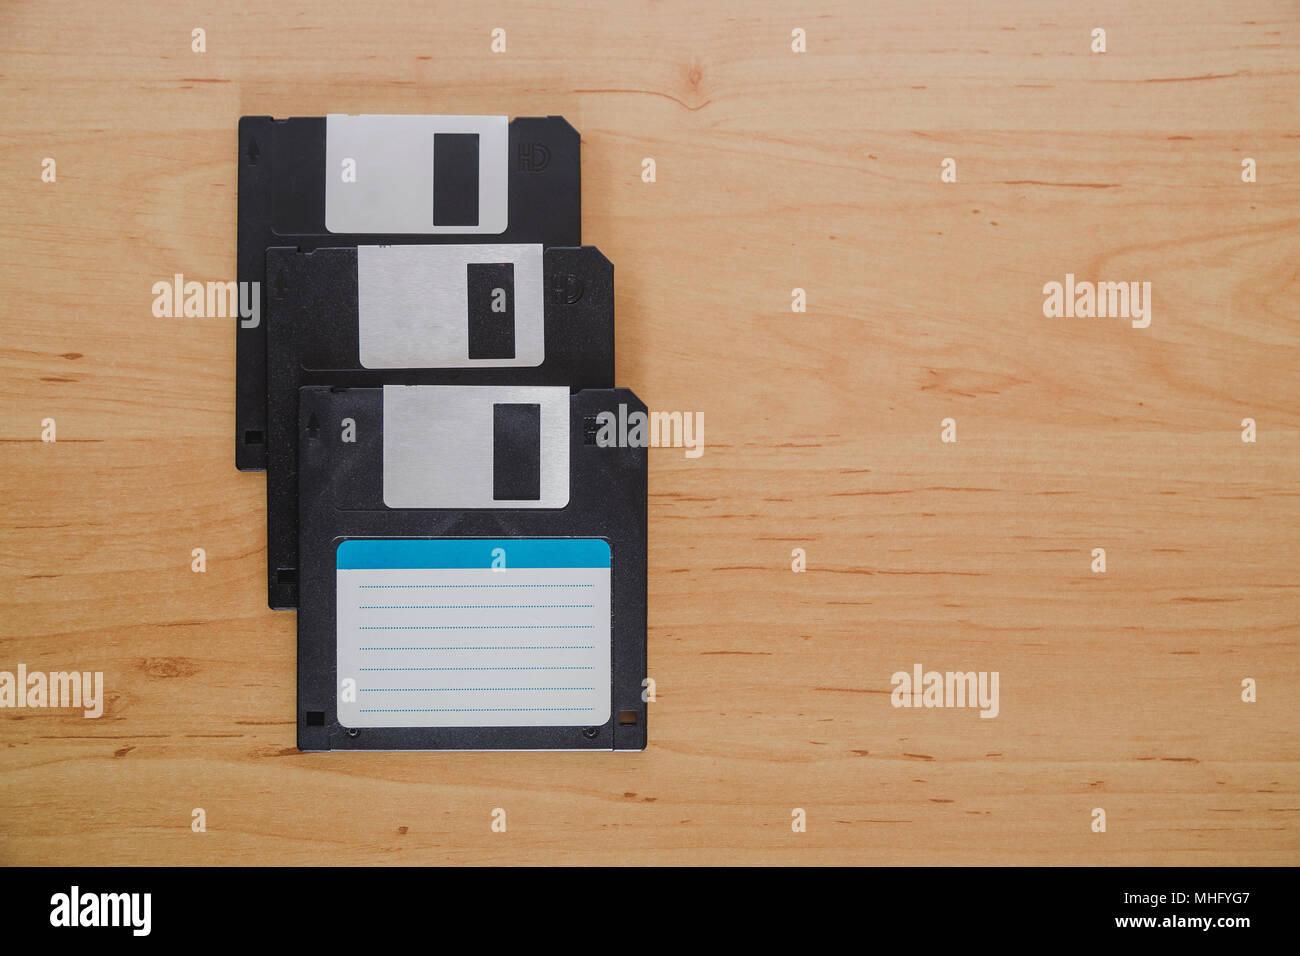 Tre dischi floppy su un sfondo di legno Immagini Stock